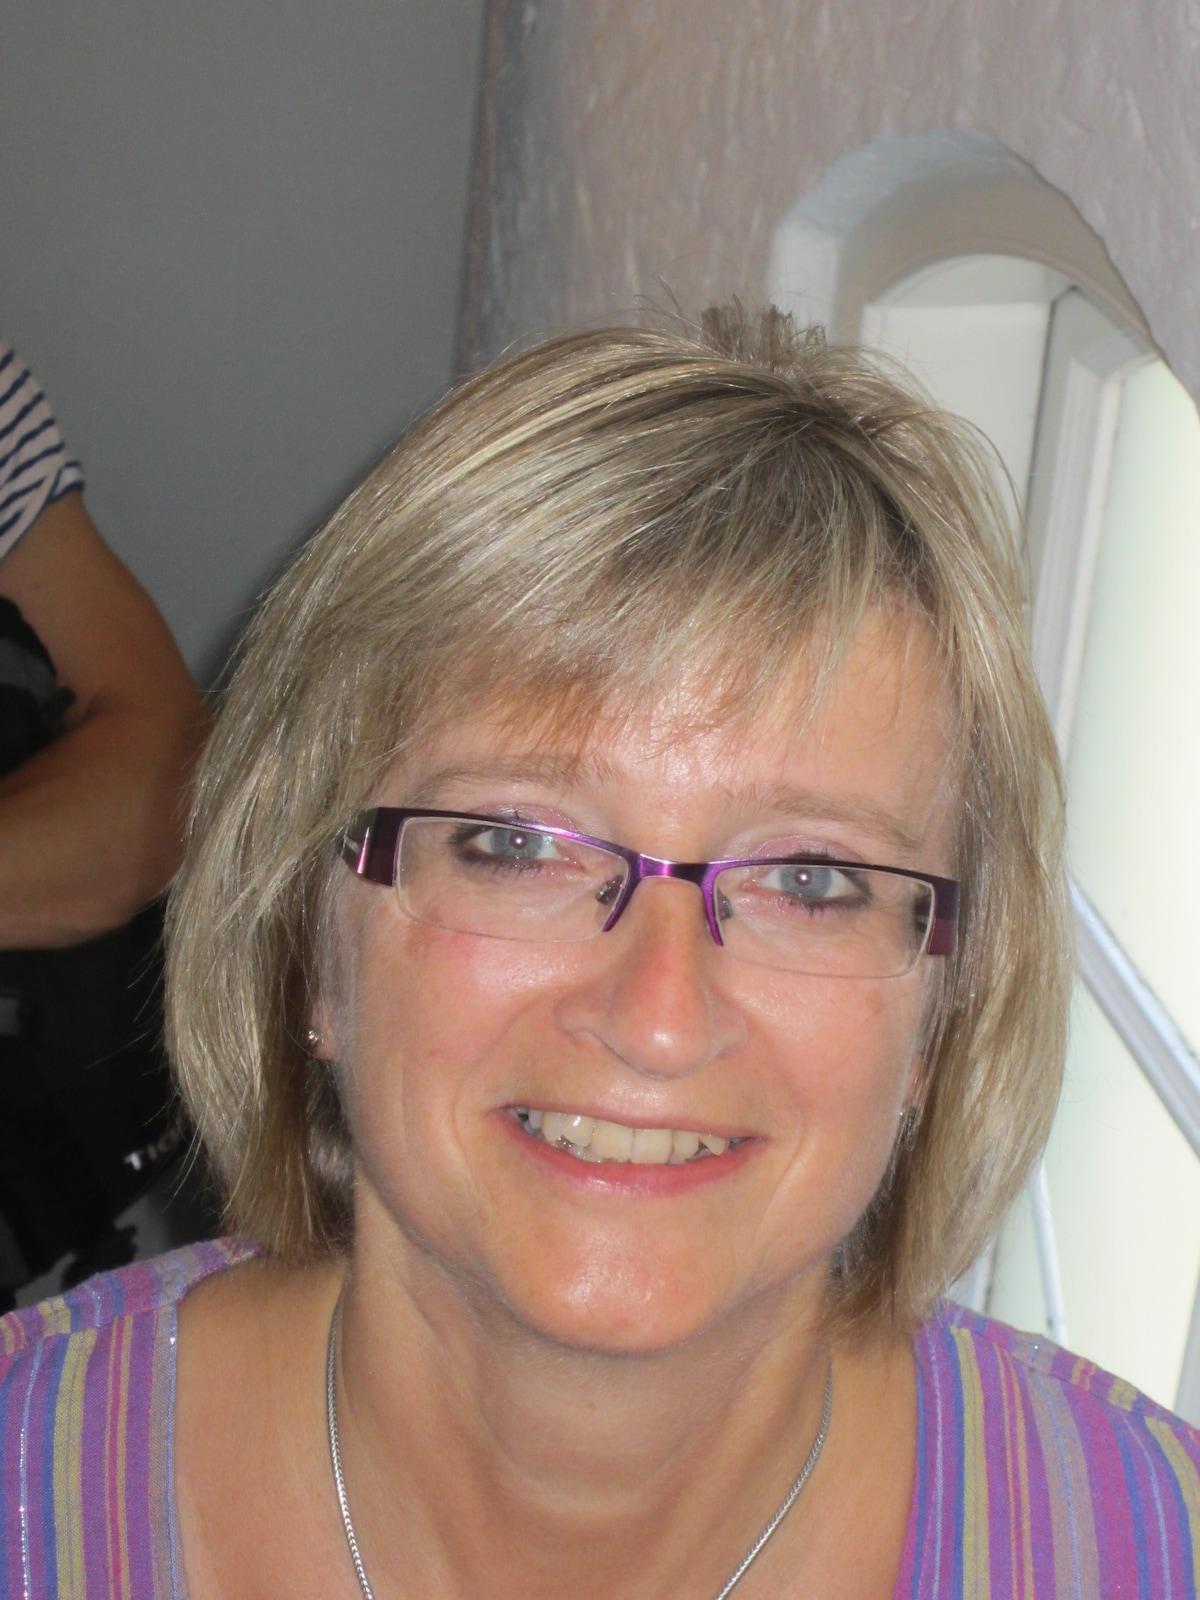 Margit From Skals, Denmark